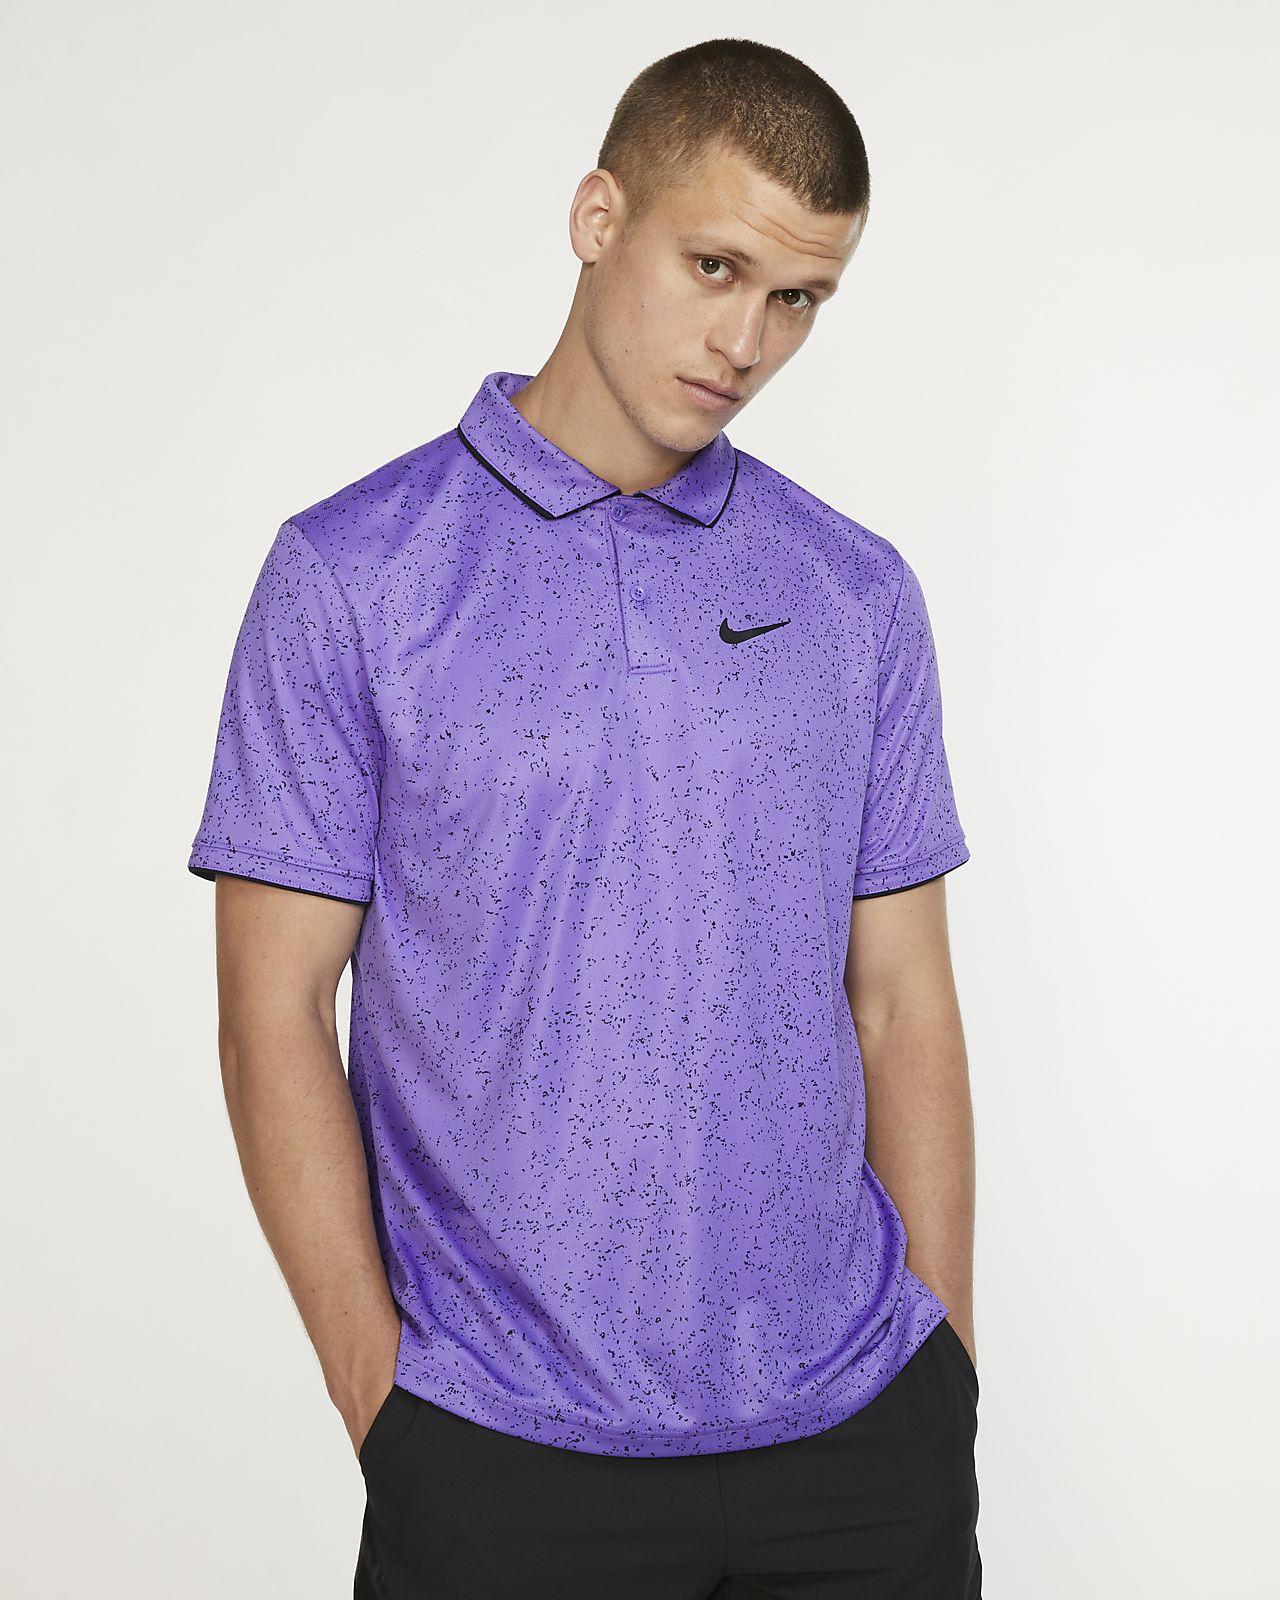 NikeCourt Dri-FIT Men's Printed Tennis Polo